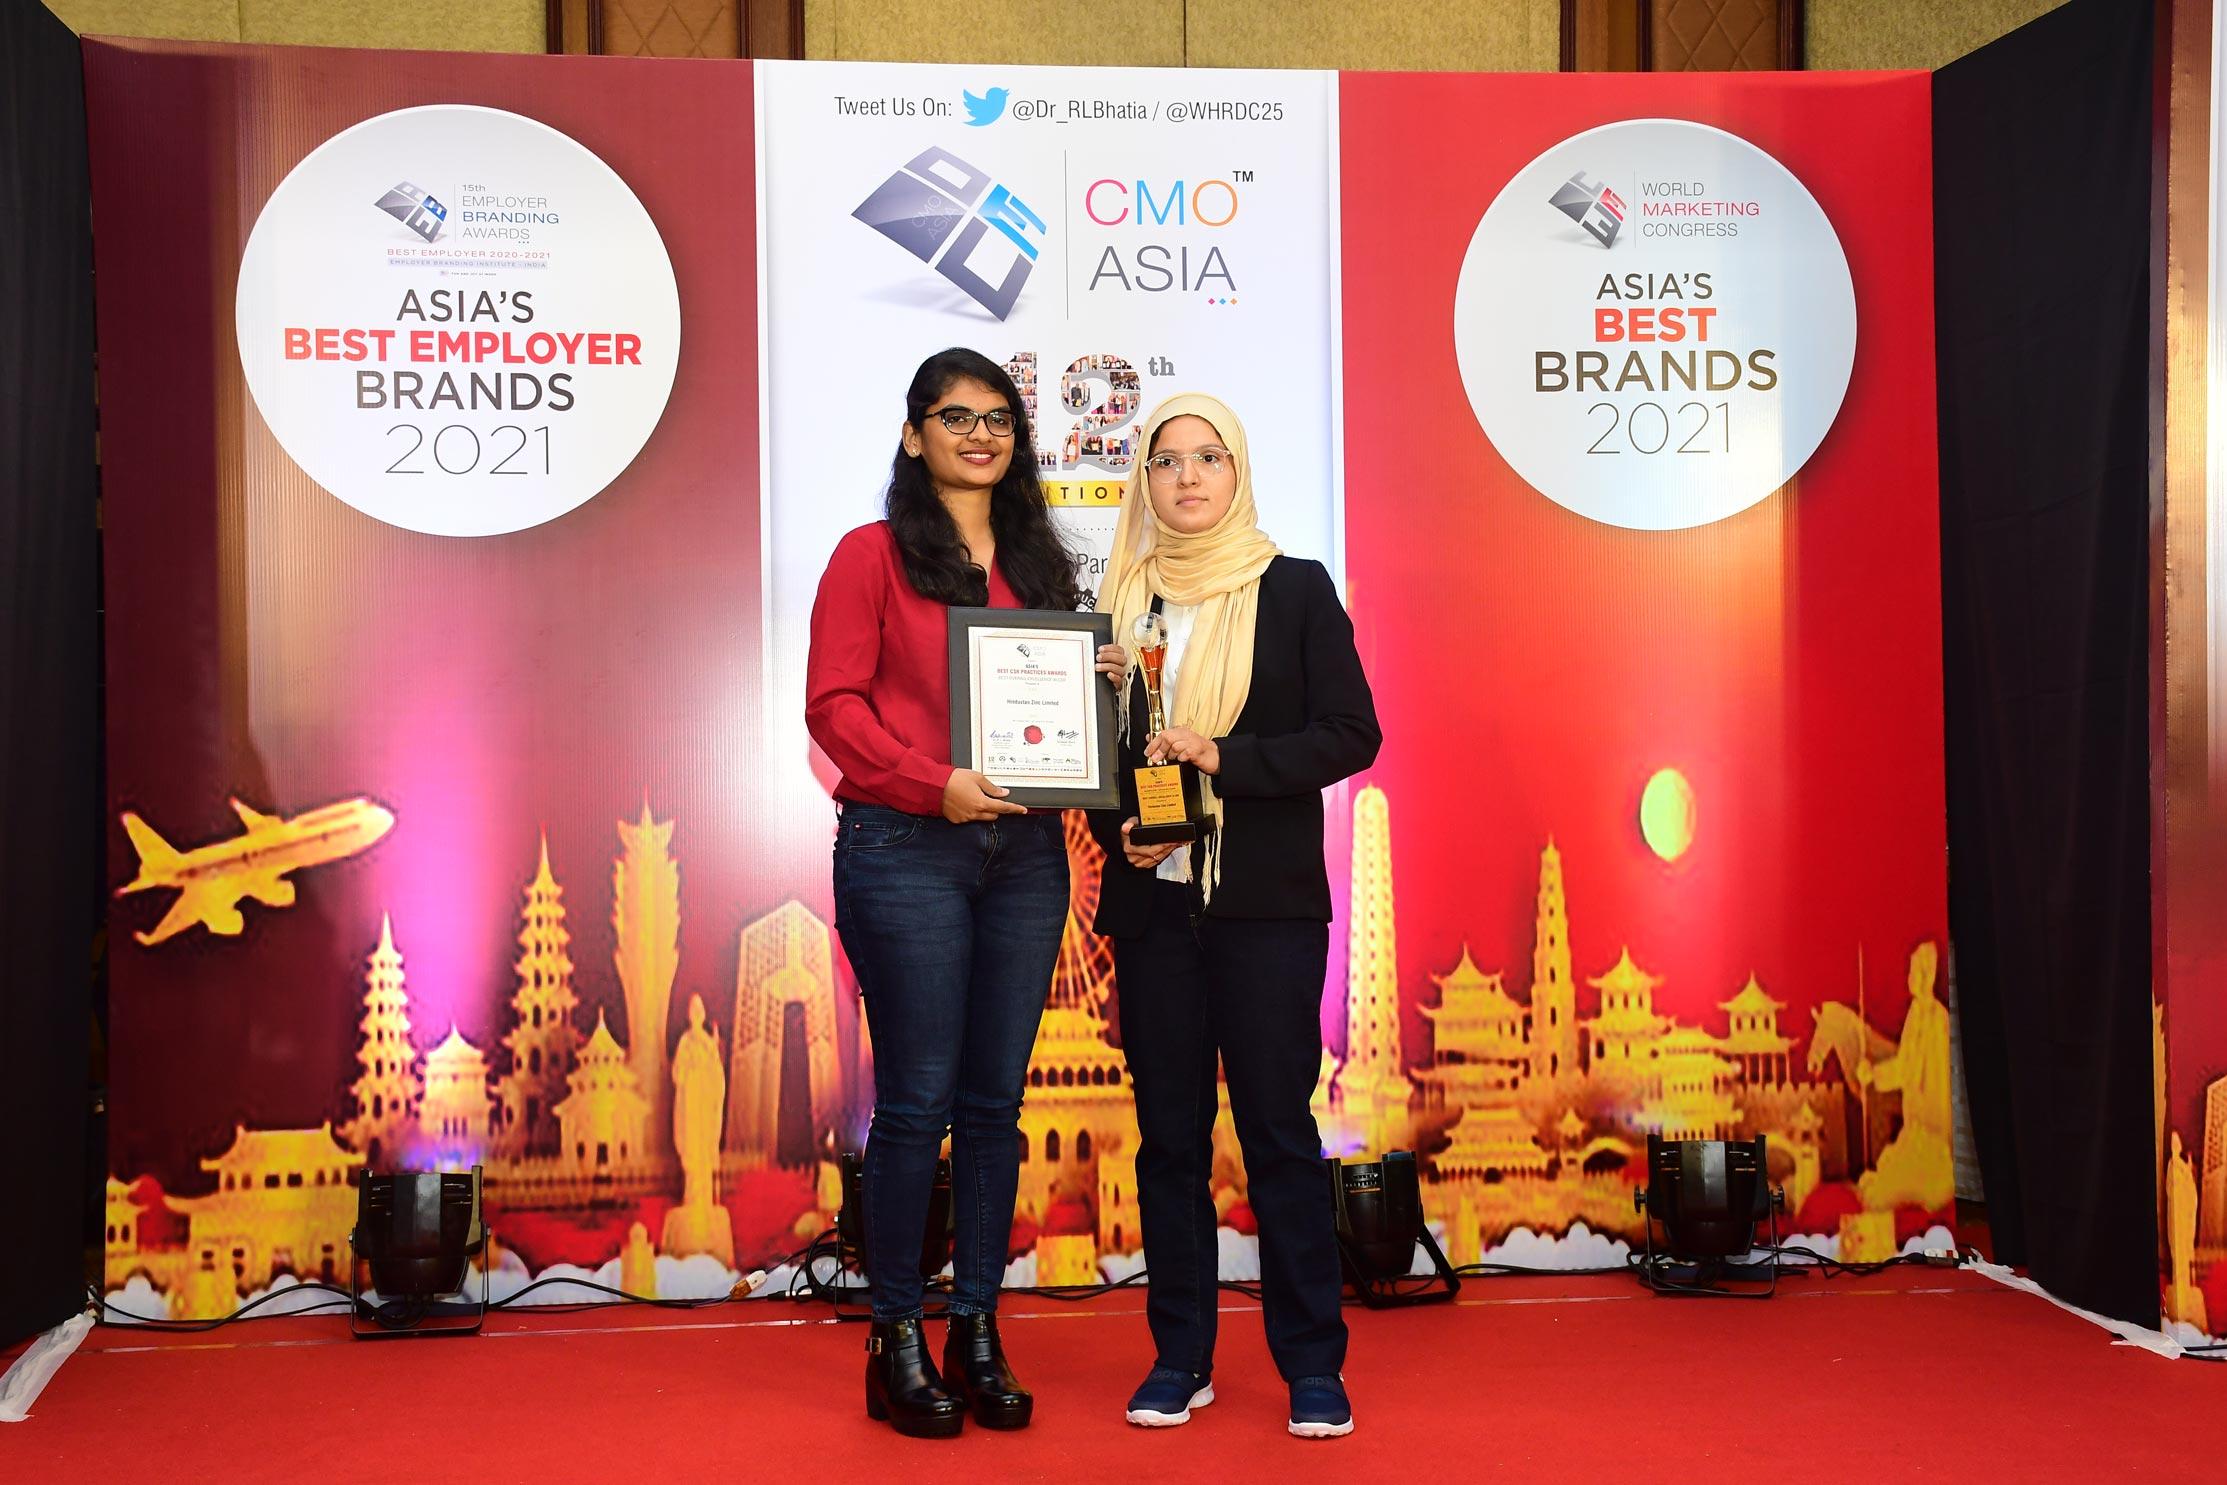 हिंदुस्तान जिंक को बेस्ट ऑवरऑल एक्सीलेंस इन सीएसआर श्रेणी में सीएमओ एशिया का बेस्ट सीएसआर प्रेक्टिस अवार्ड